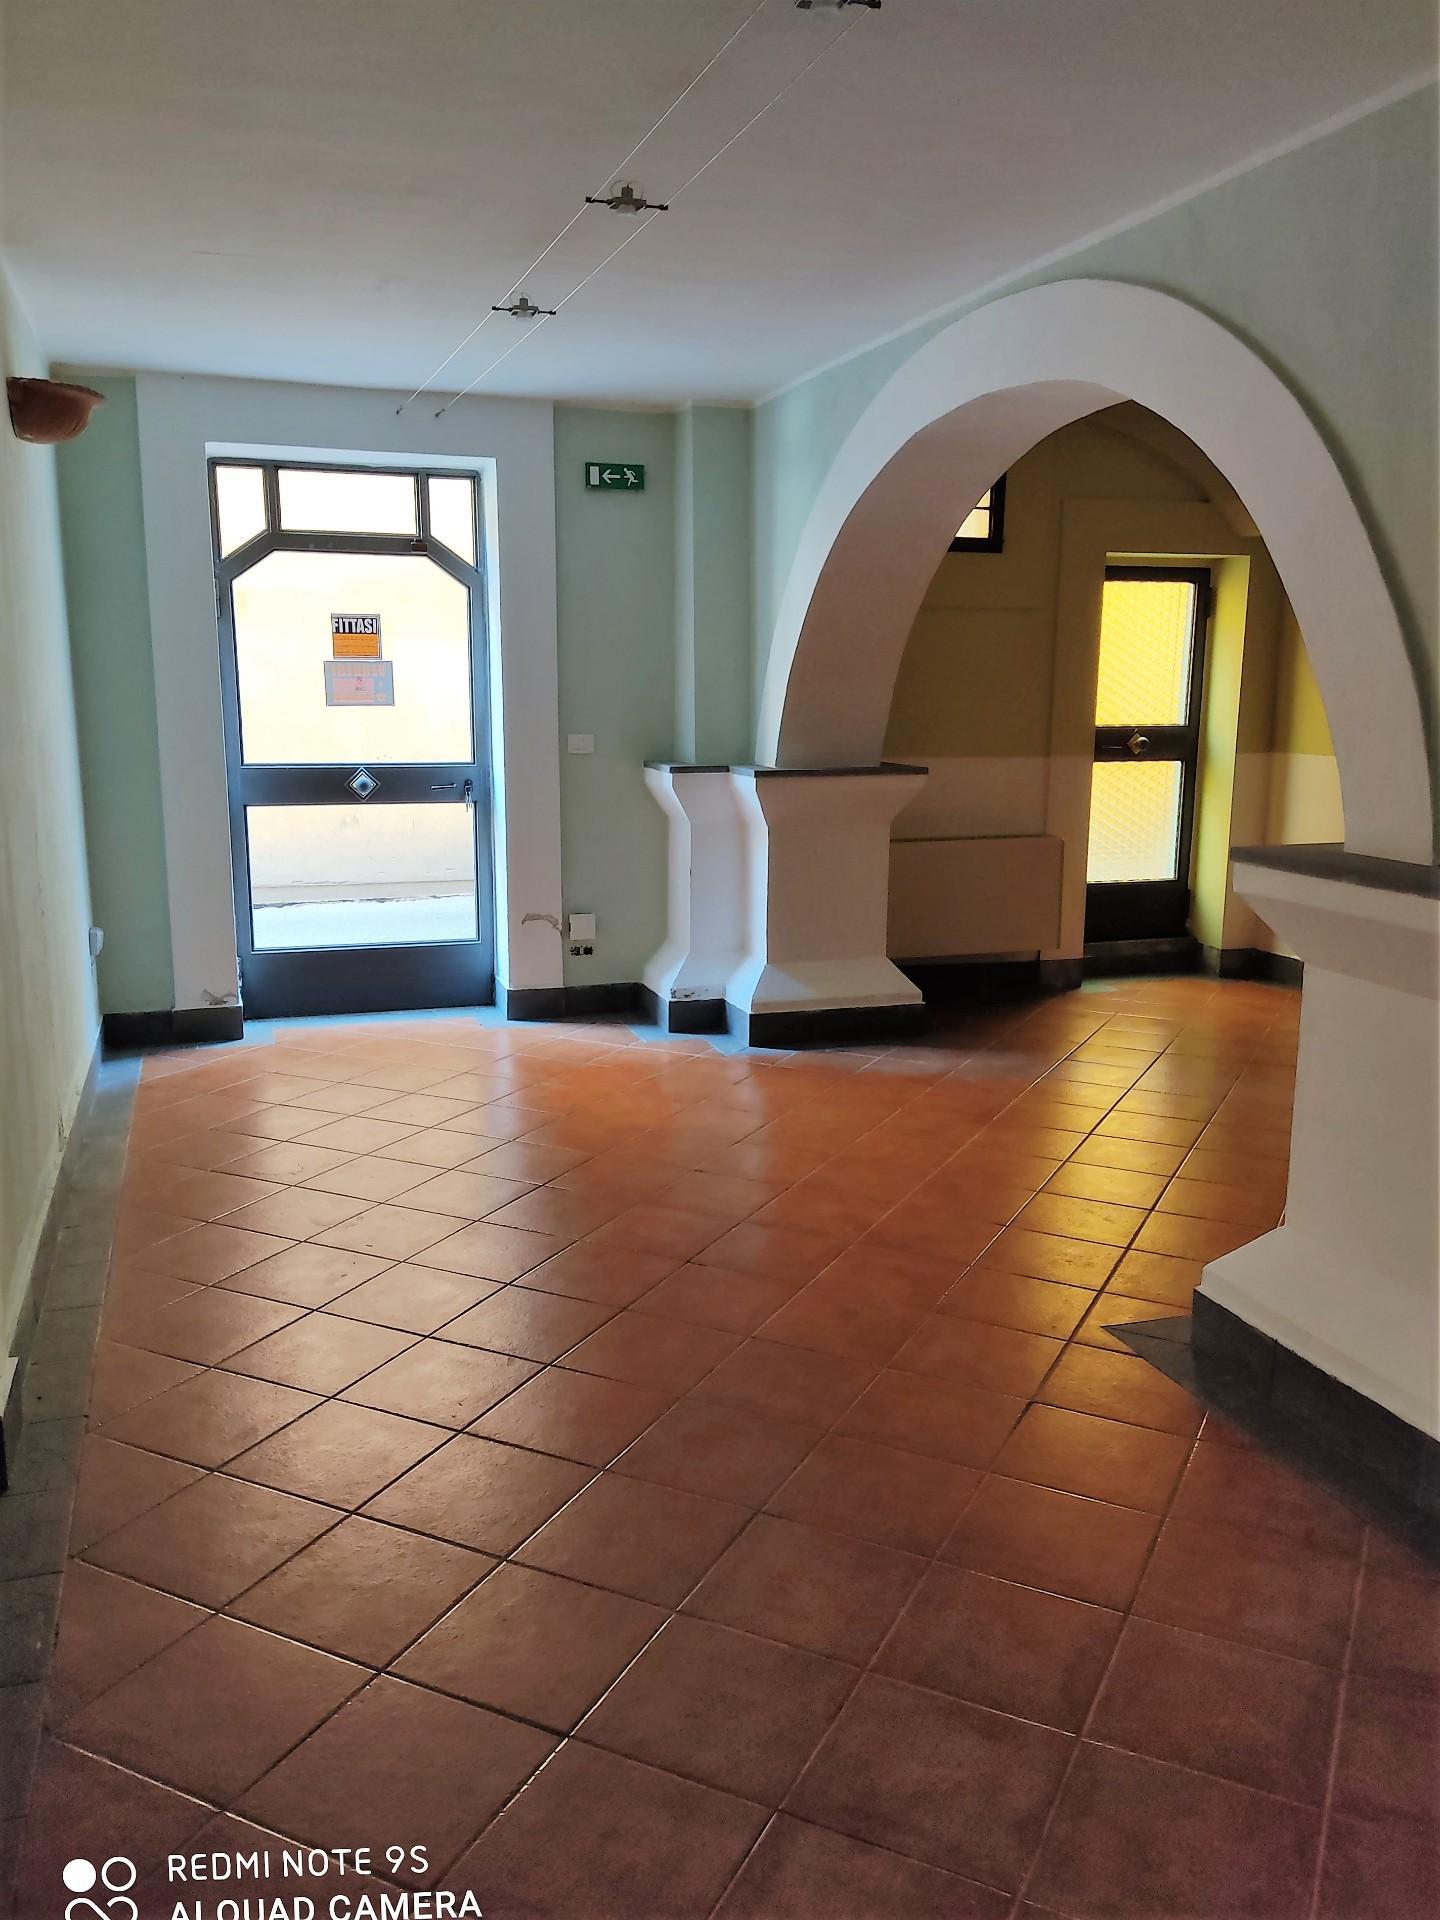 Negozio / Locale in vendita a Castelfranco di Sotto, 4 locali, prezzo € 115.000 | PortaleAgenzieImmobiliari.it